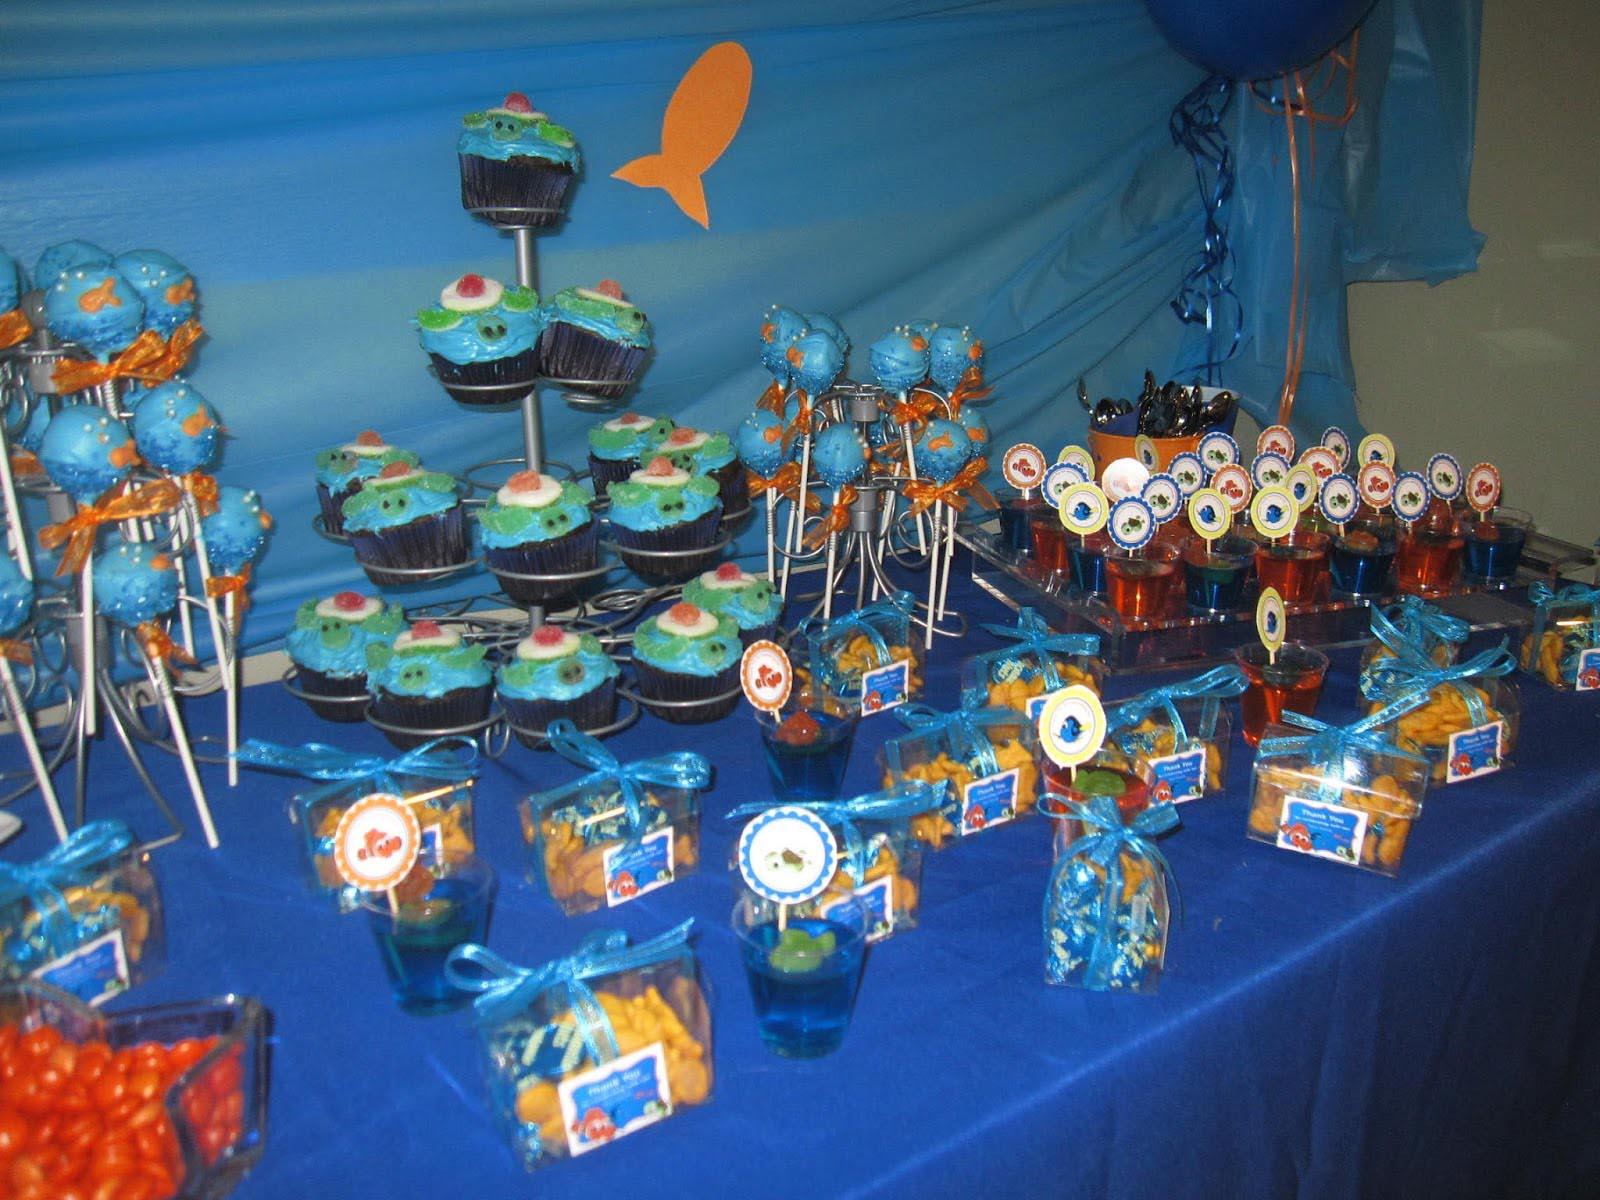 Decoraciones de nemo para cumplea os 25 decoracion de - Decoraciones fiestas de cumpleanos ...